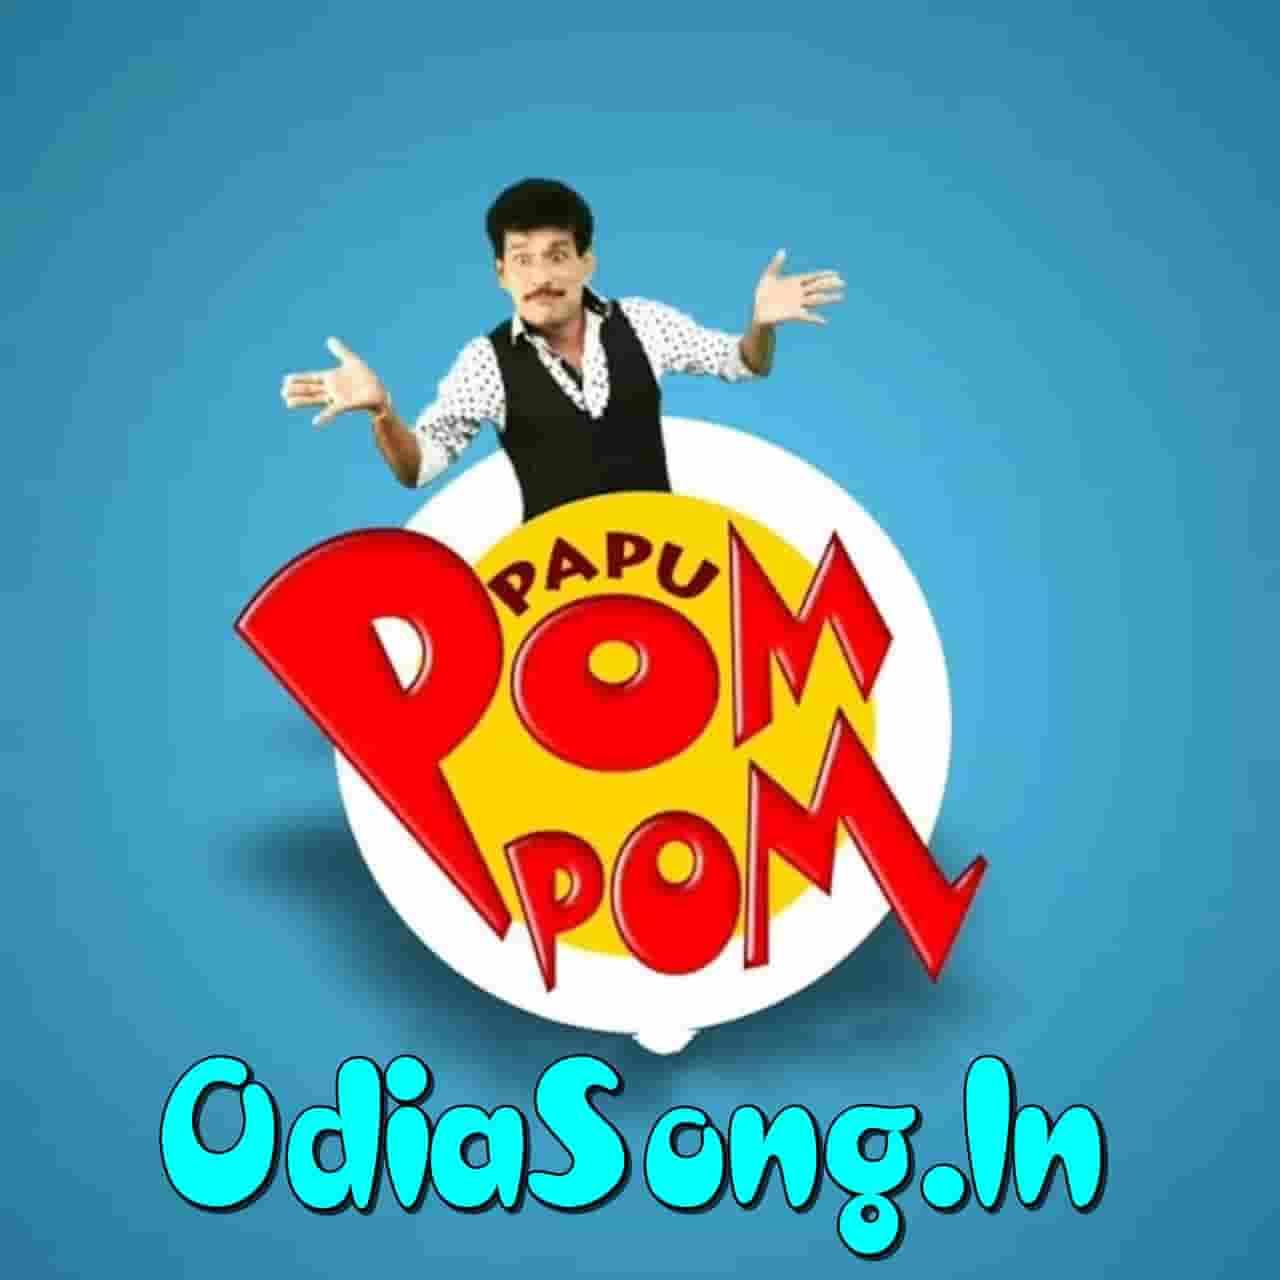 Patli Kamar - New Odia Comedy Song By Papu Pom Pom